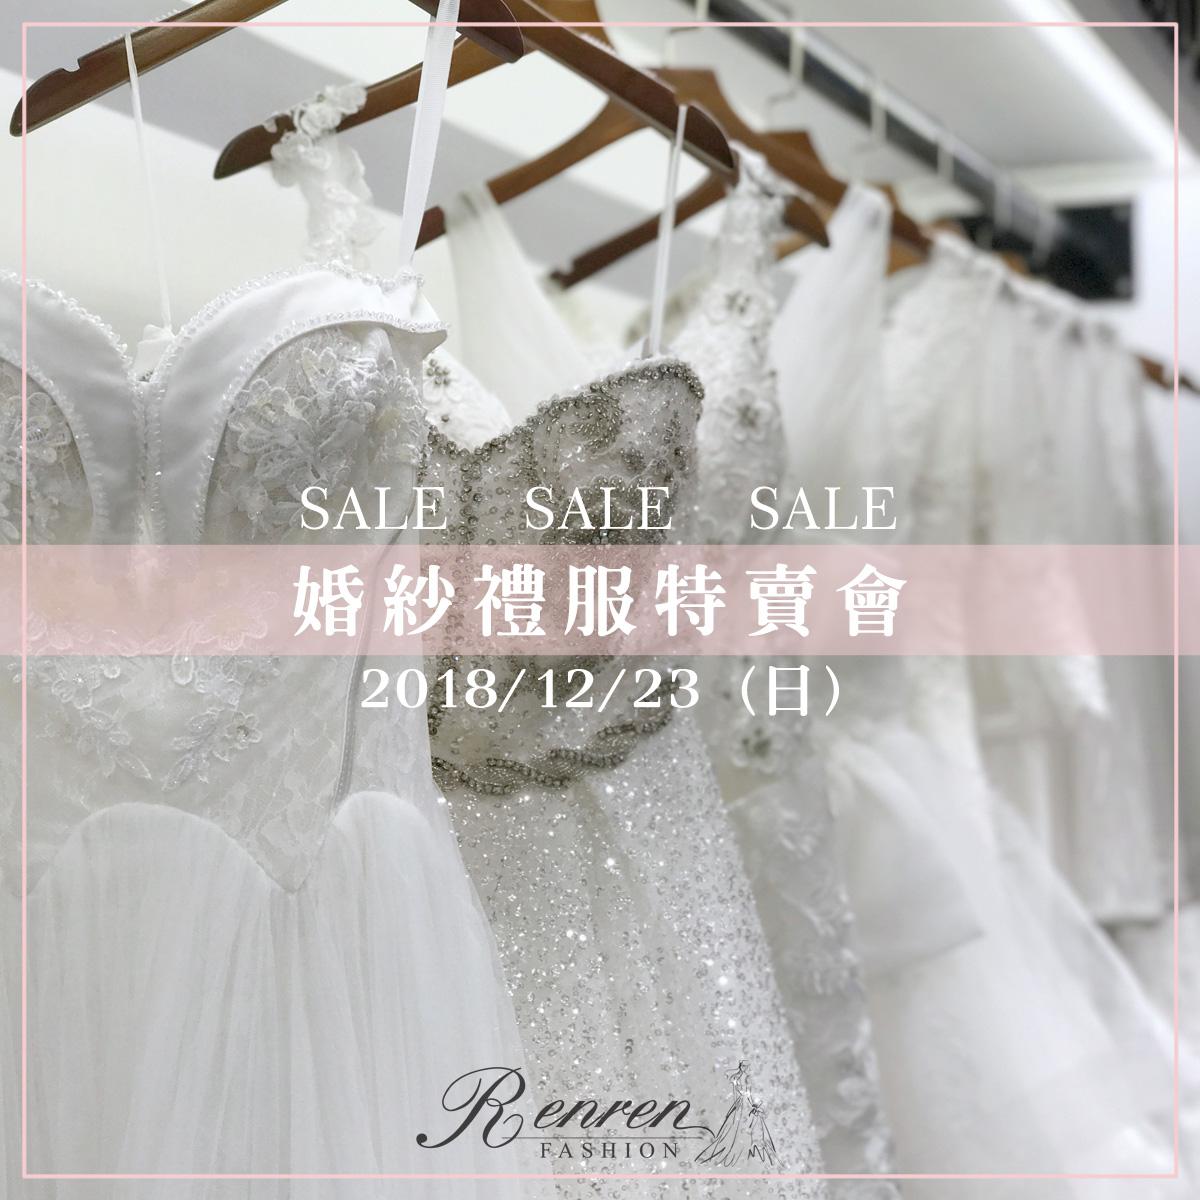 台中婚紗特賣會-RenRen冉冉歐美婚紗